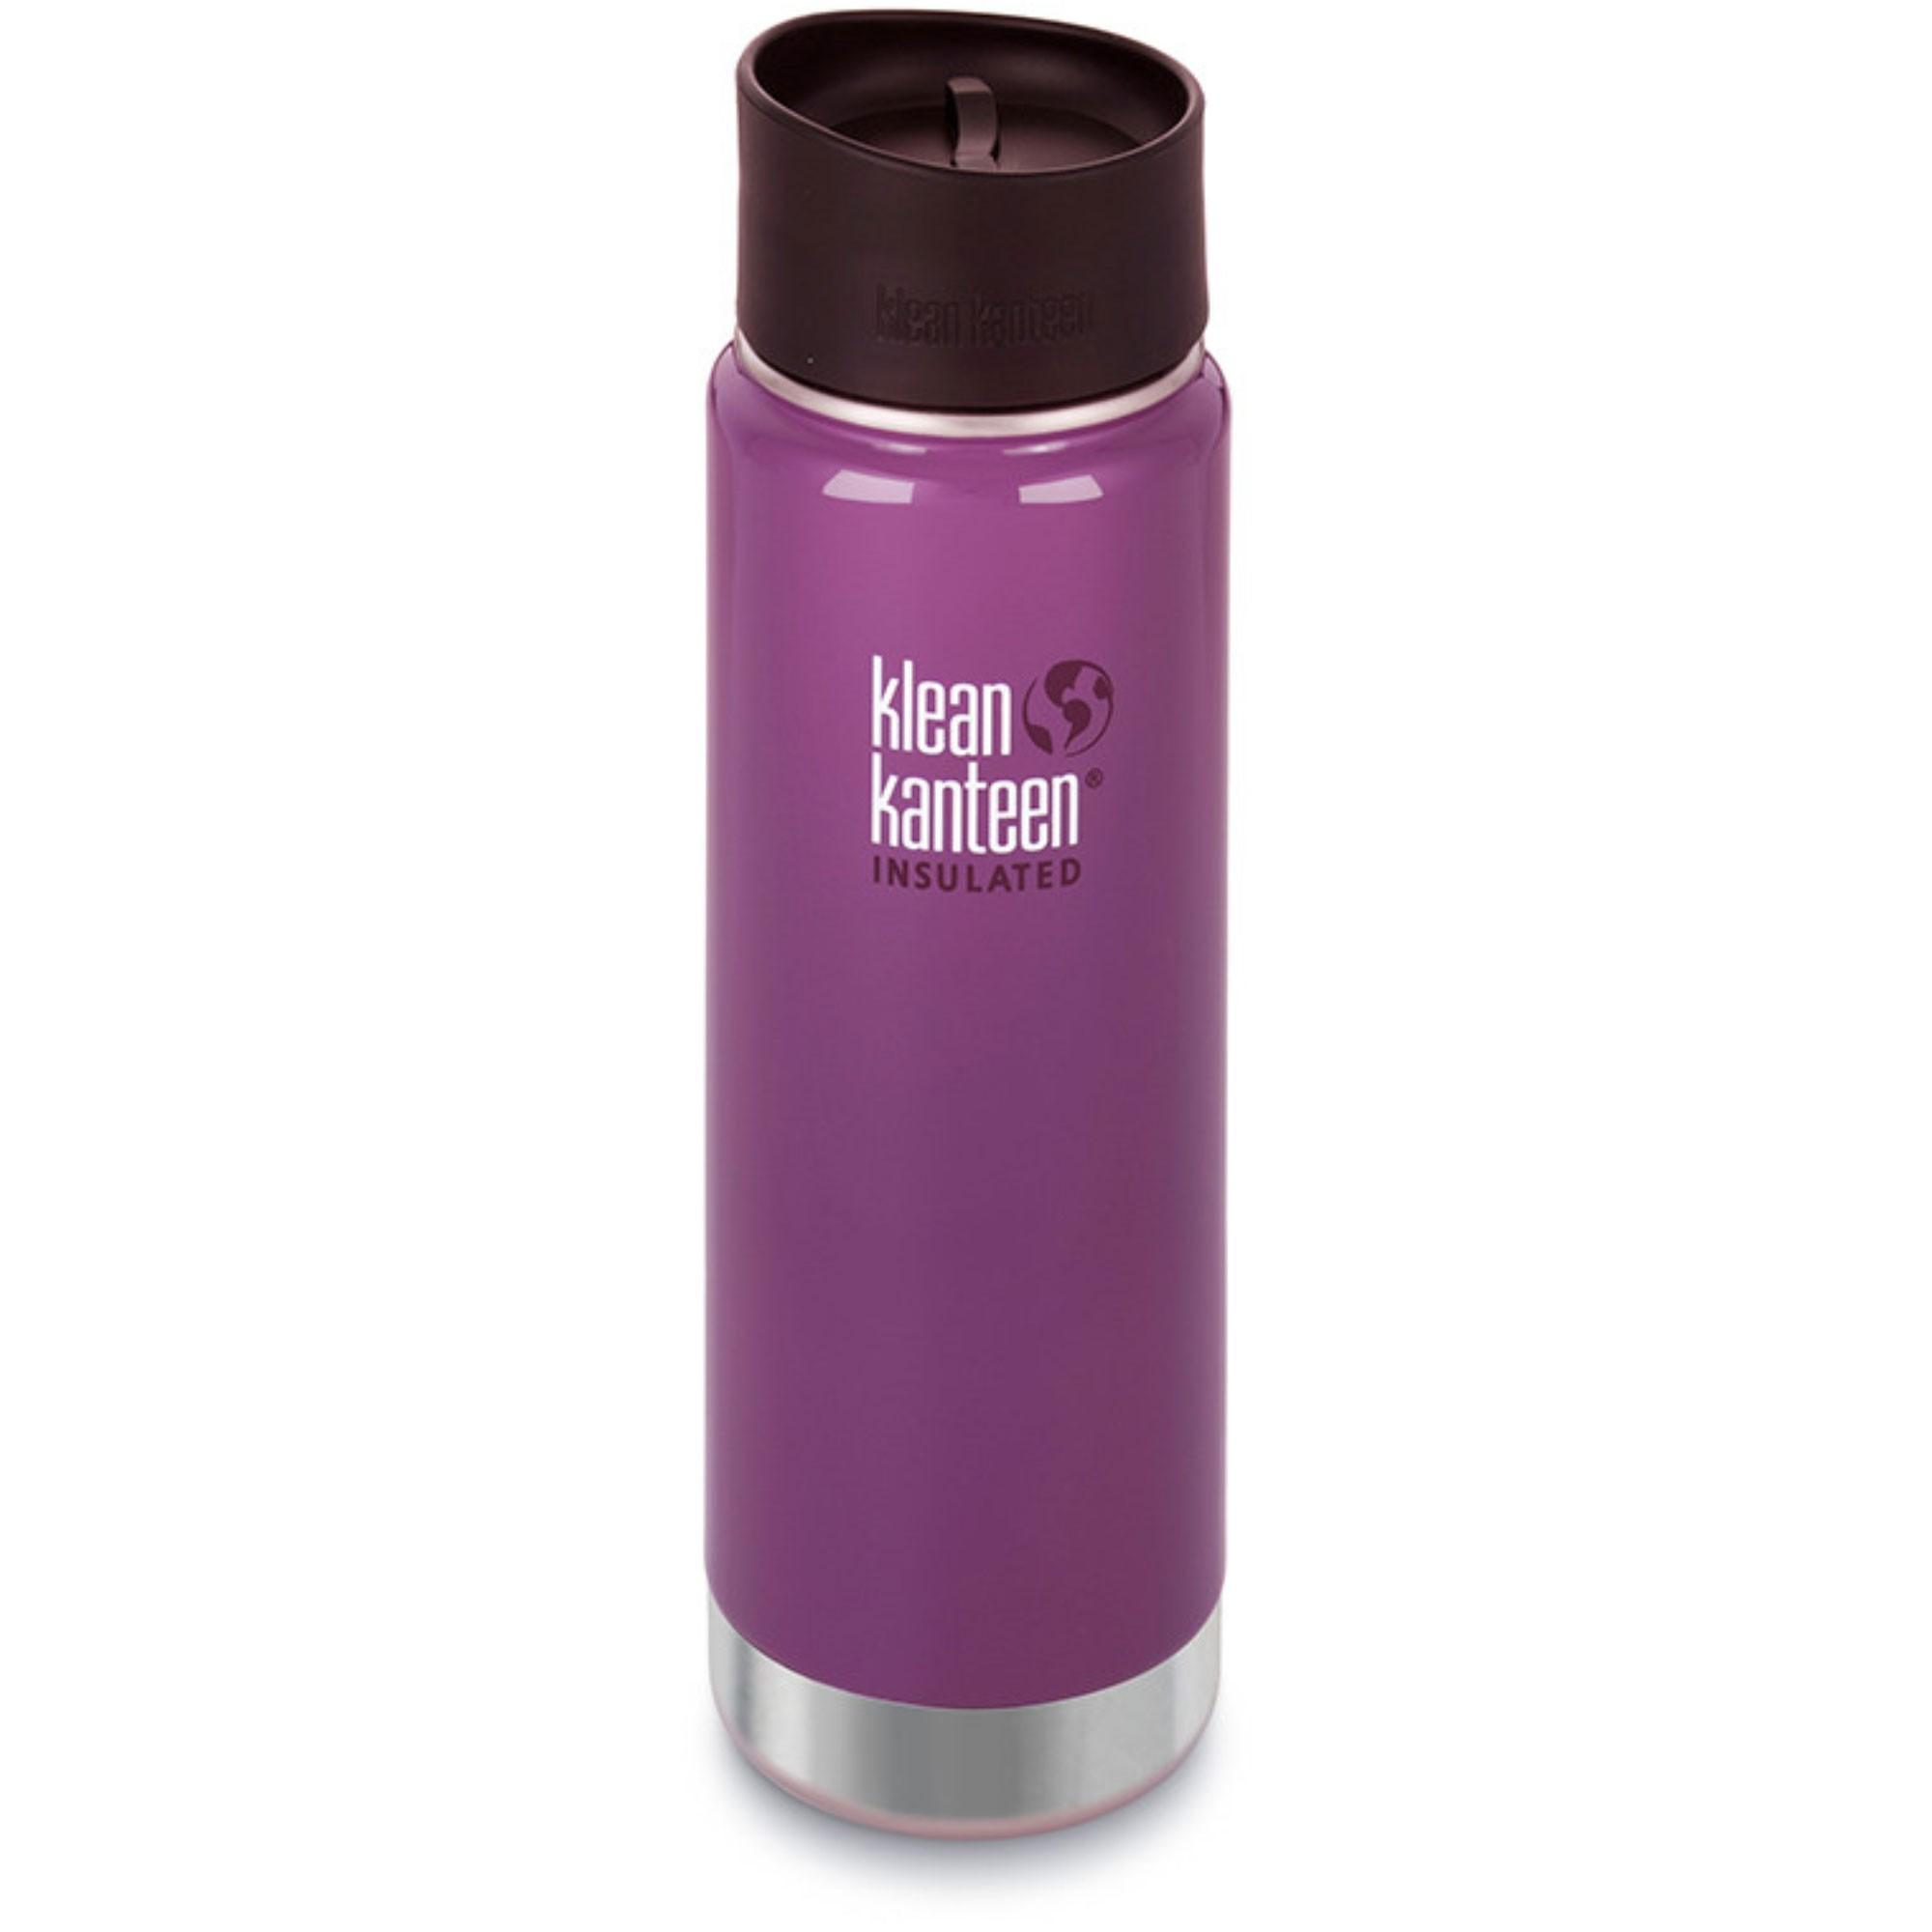 KLEAN KANTEEN - Insulated Cafe Cap Flask - 592ml - Wild Grape